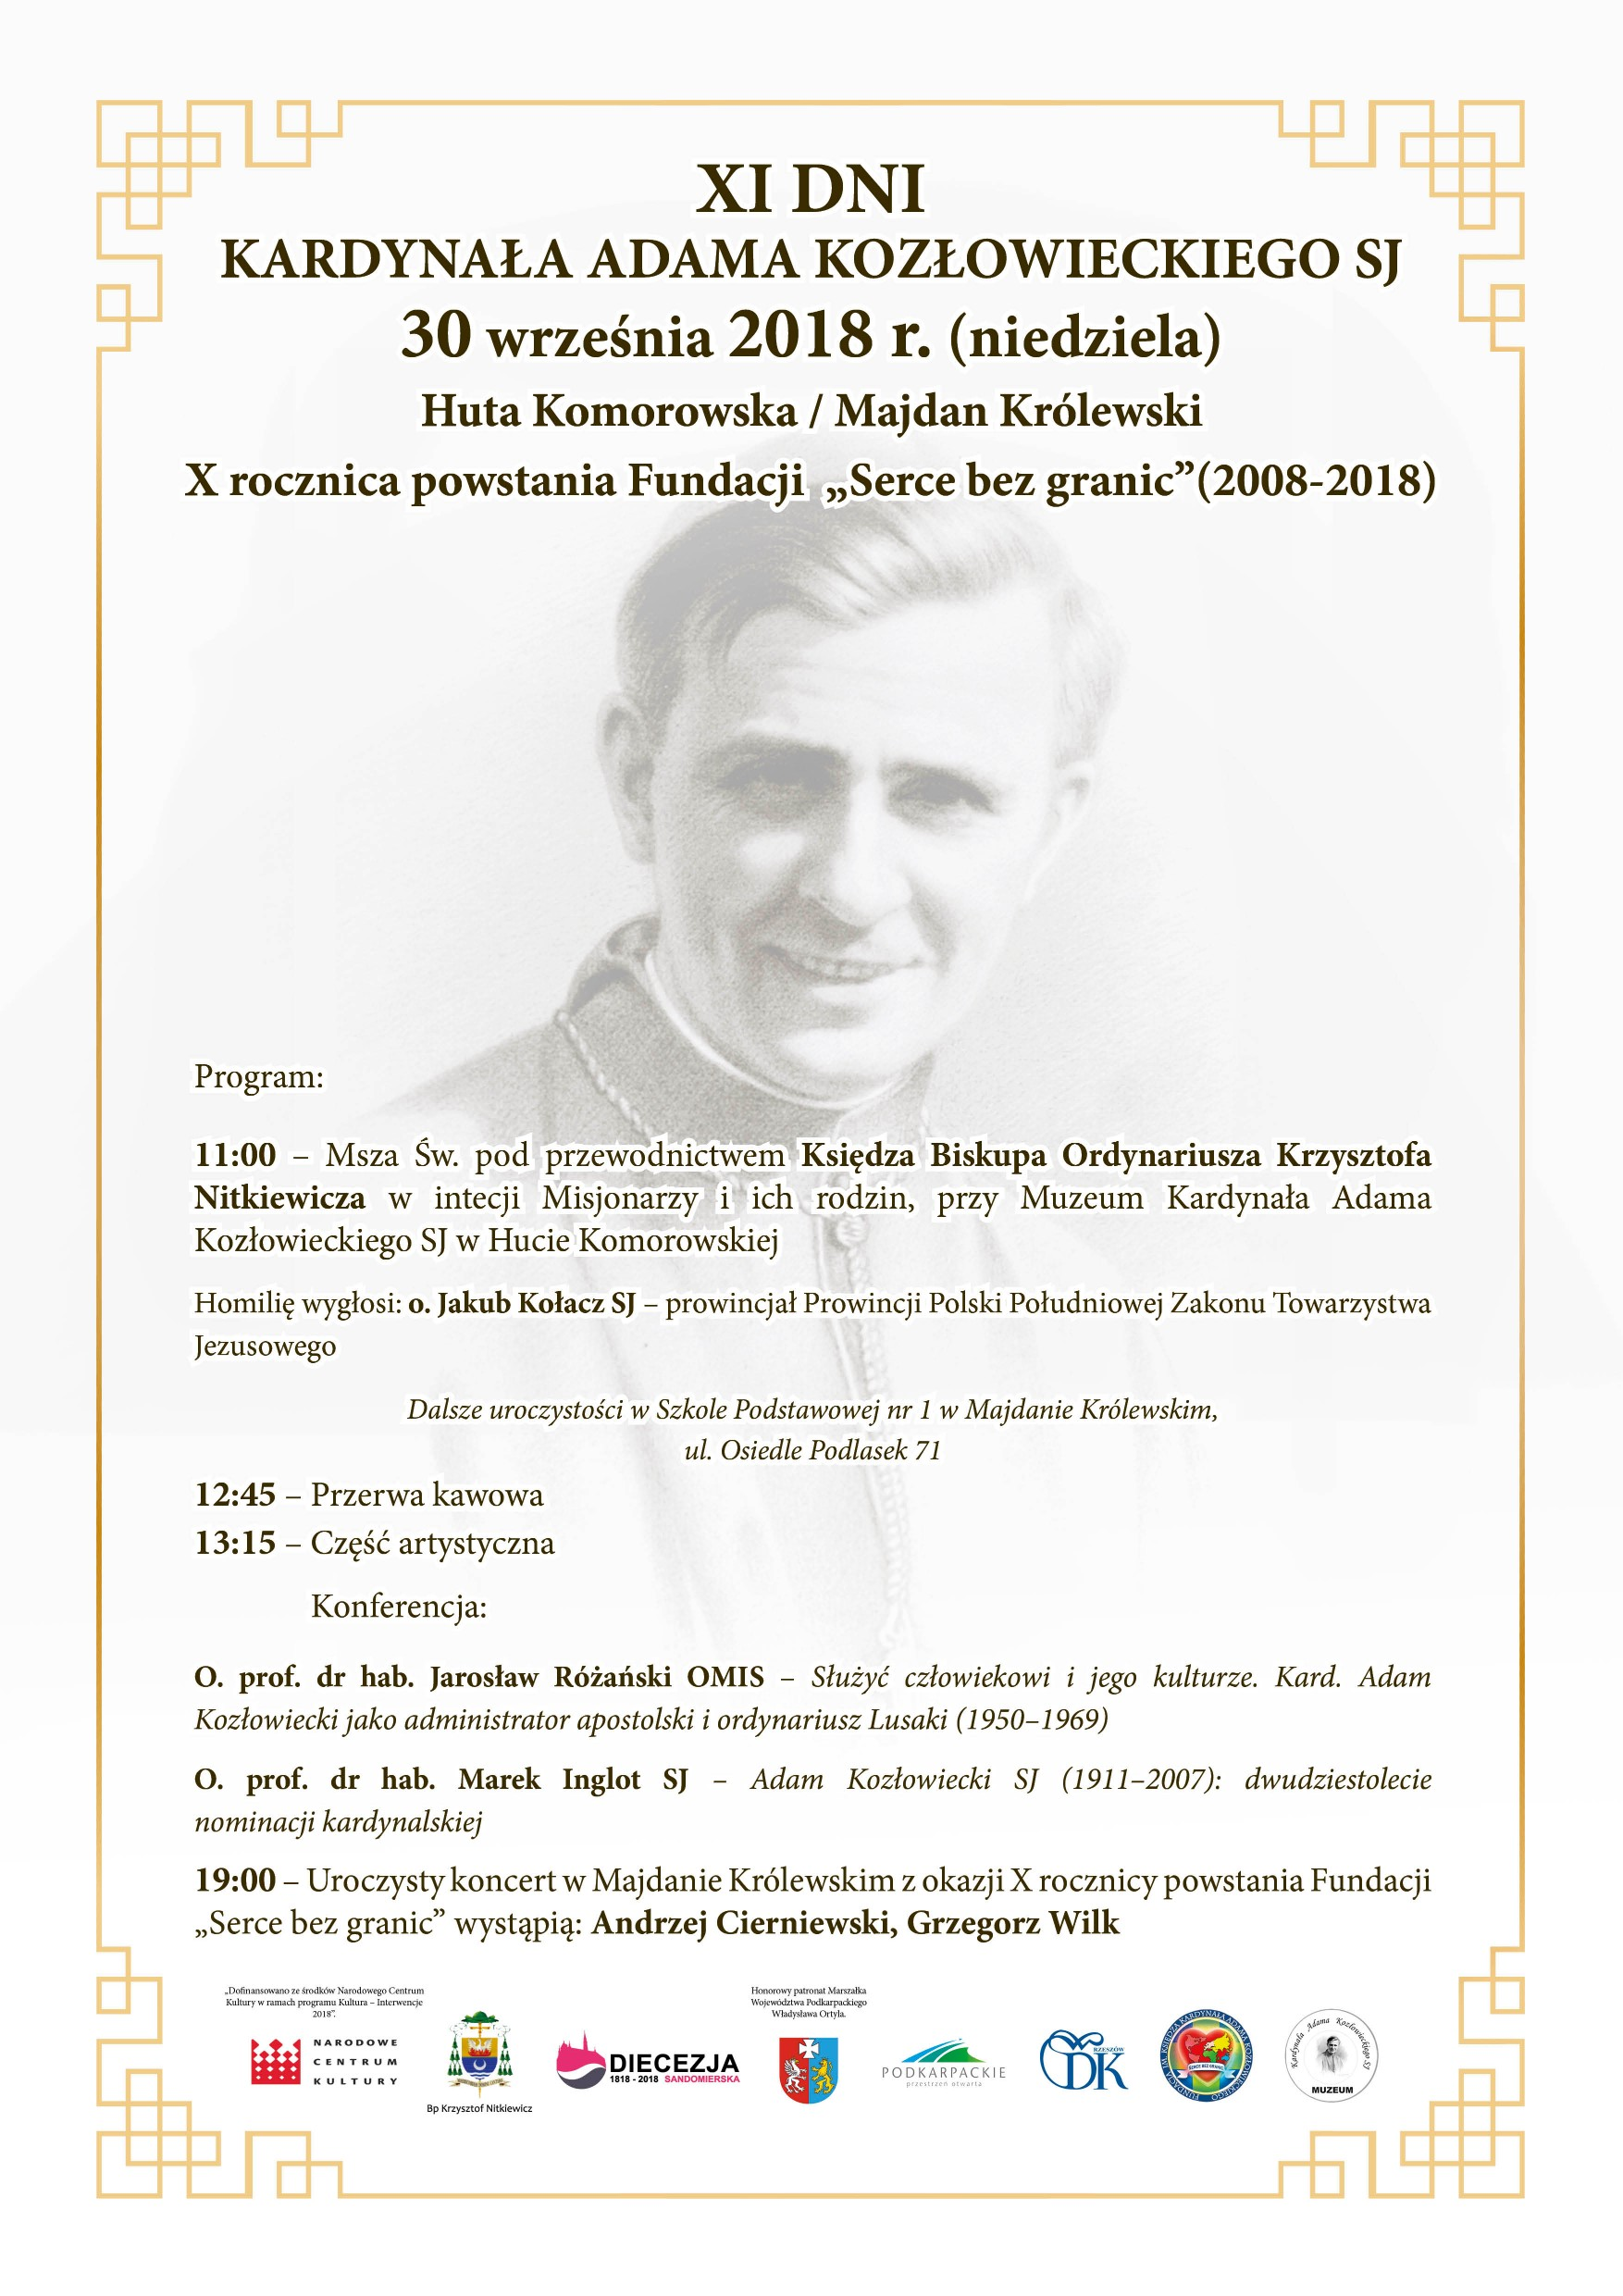 W najbliższą niedzielę odbędą się XI Dni Kardynała Adama Kozłowieckiego. Wystąpią Grzegorz Wilk i Andrzej Cierniewski  - Zdjęcie główne